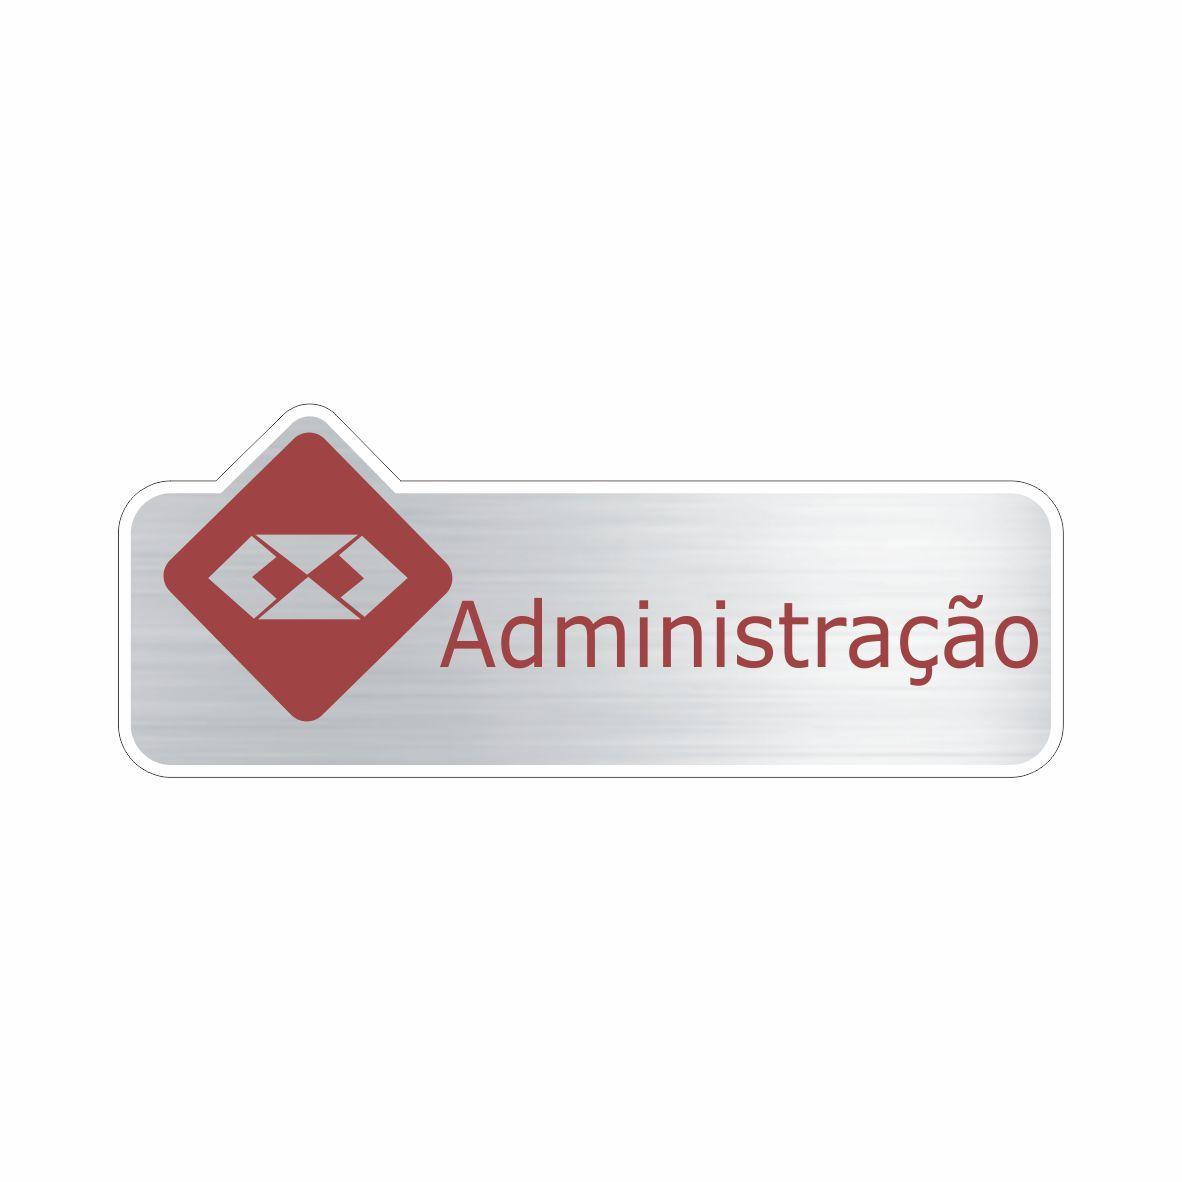 Administração  - Towbar Sinalização de Segurança